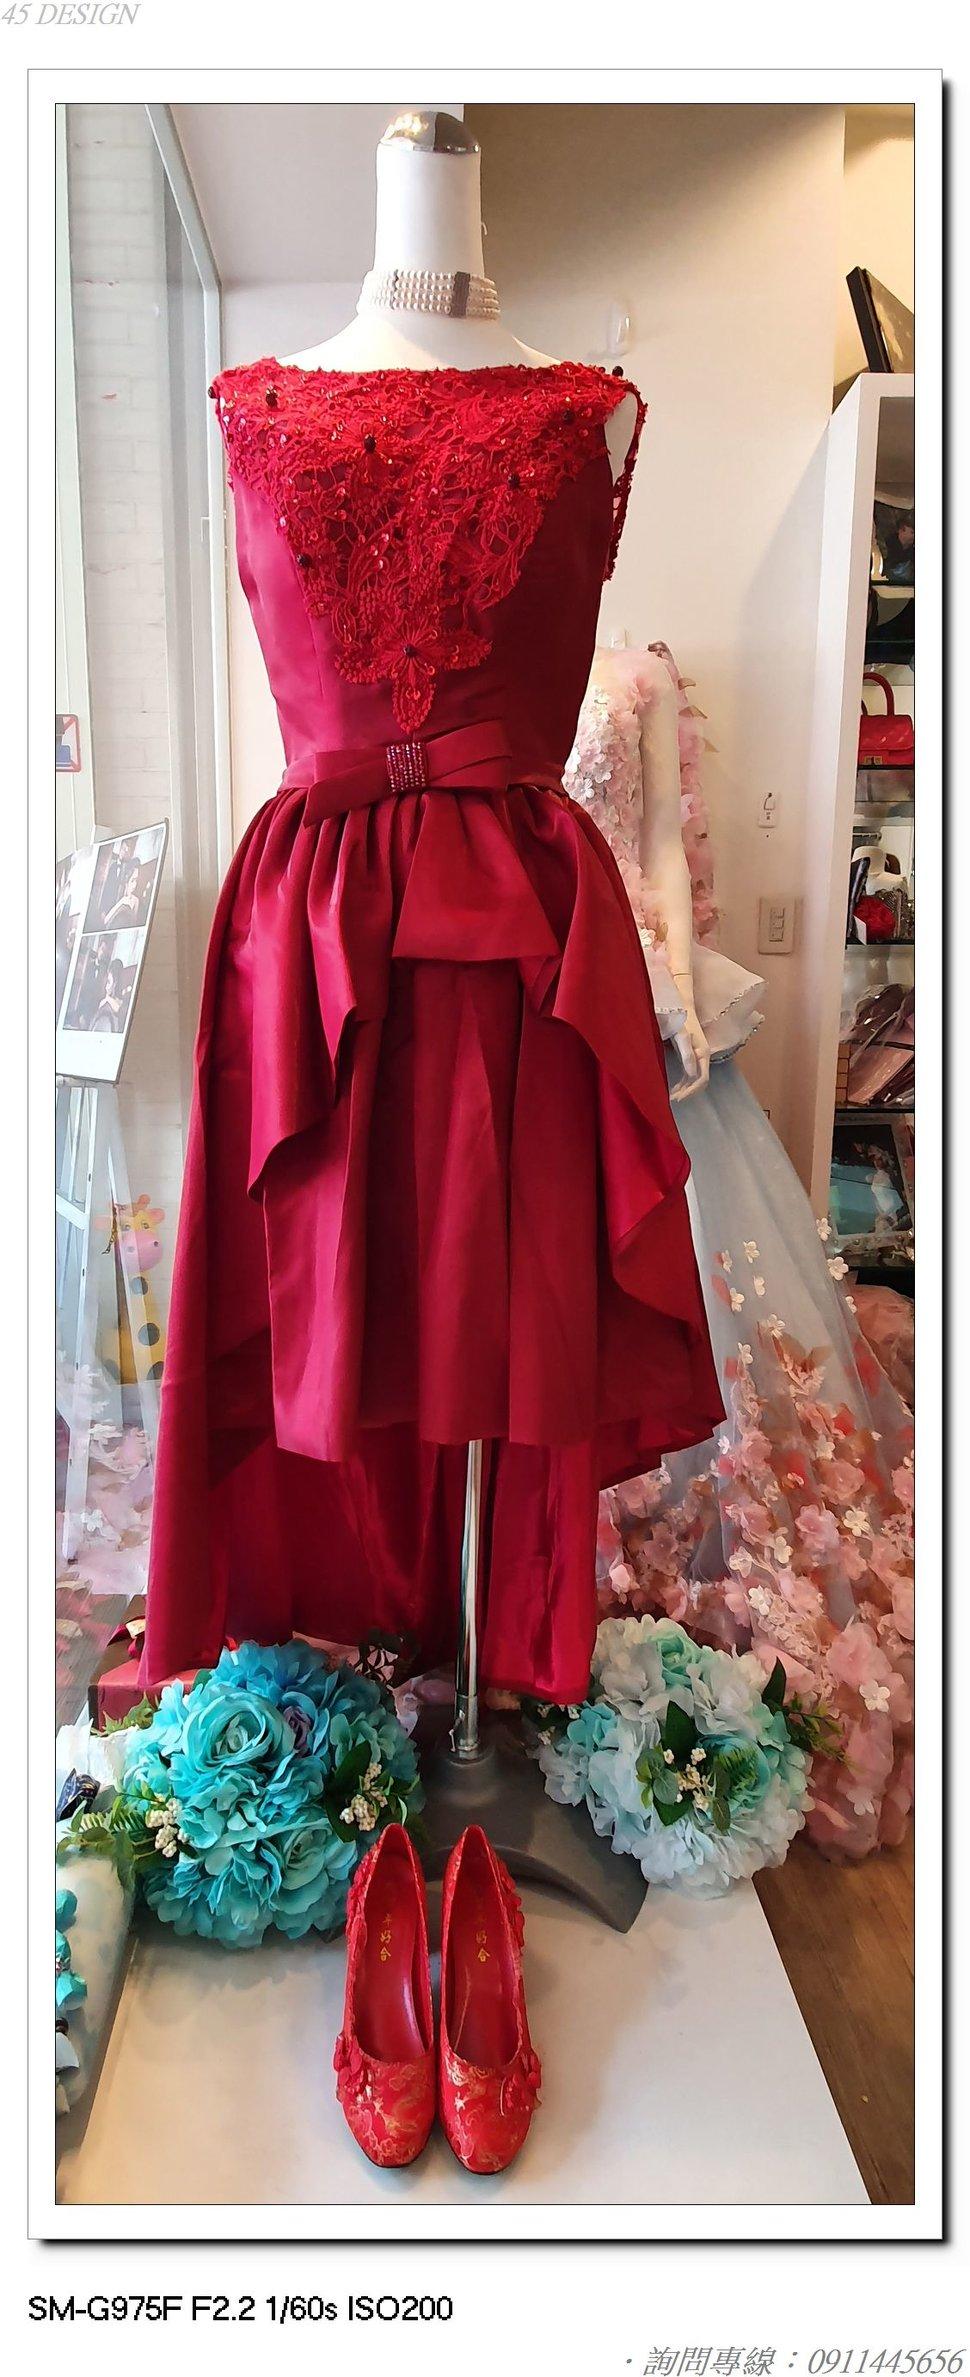 20200210_102739 - 全台最便宜-45DESIGN四五婚紗禮服《結婚吧》